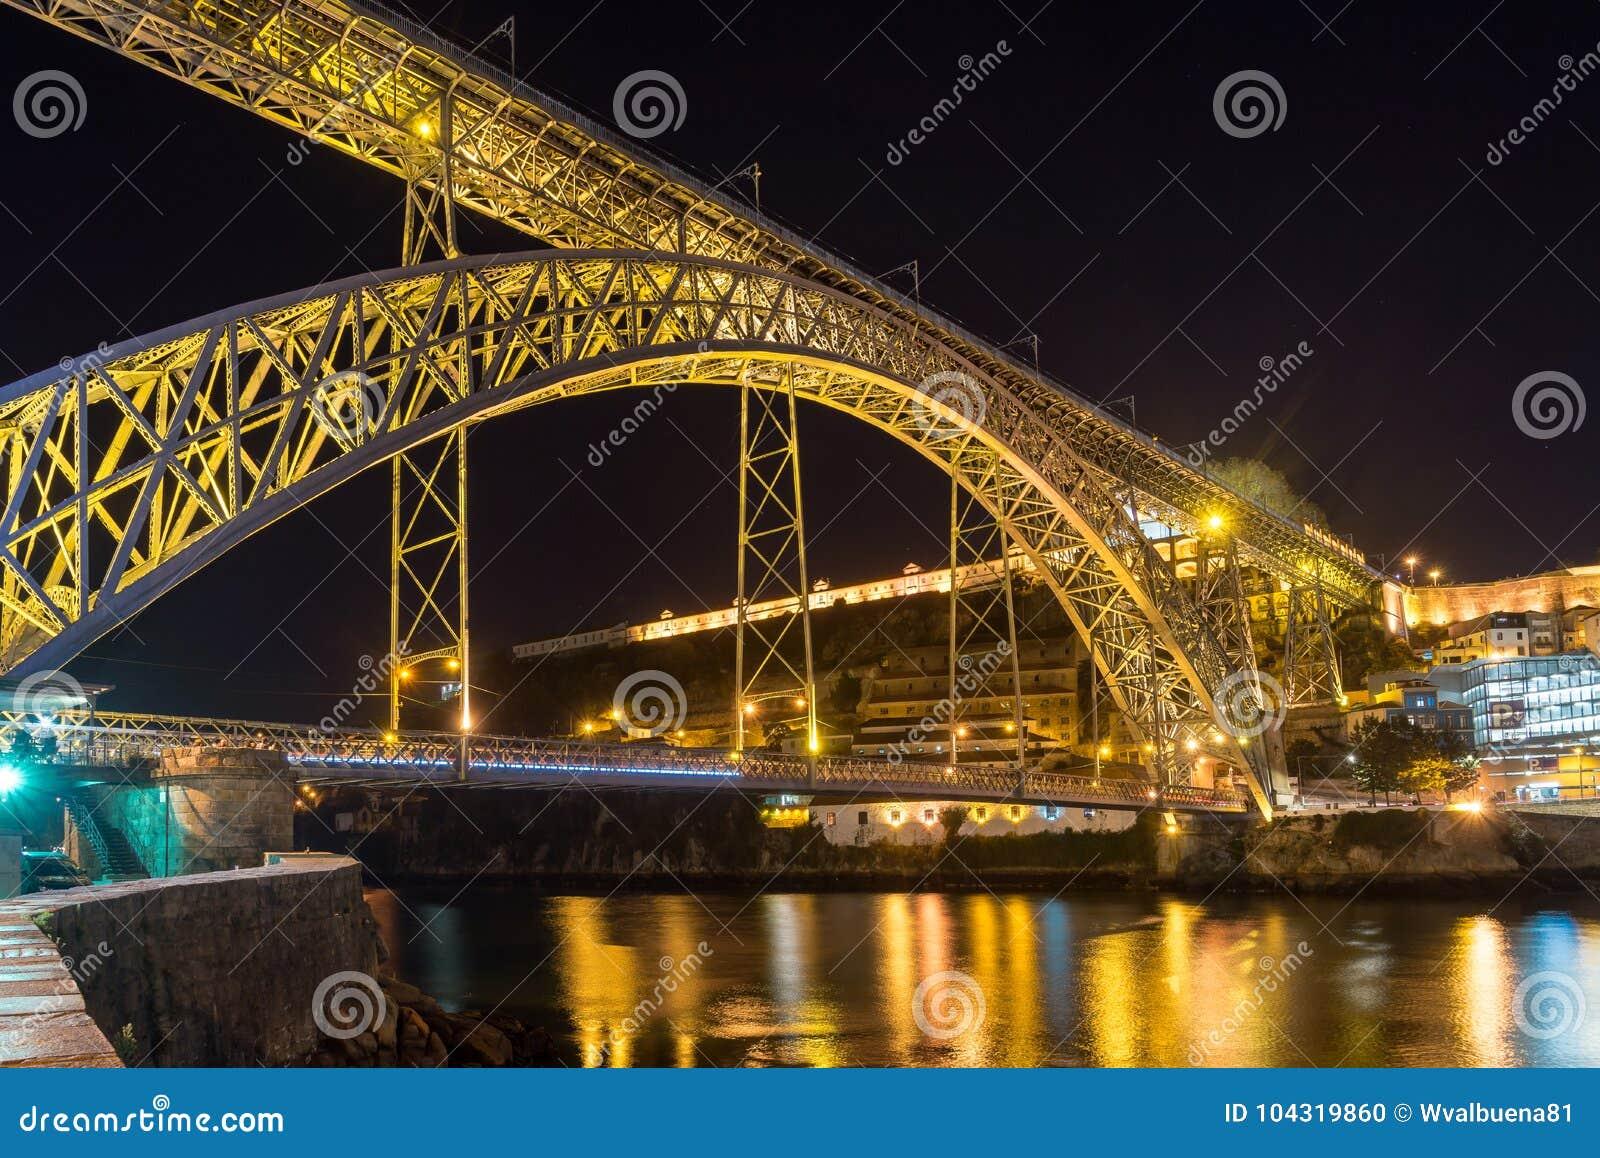 Scena di notte del ponte del ferro di Oporto Dom Luiz